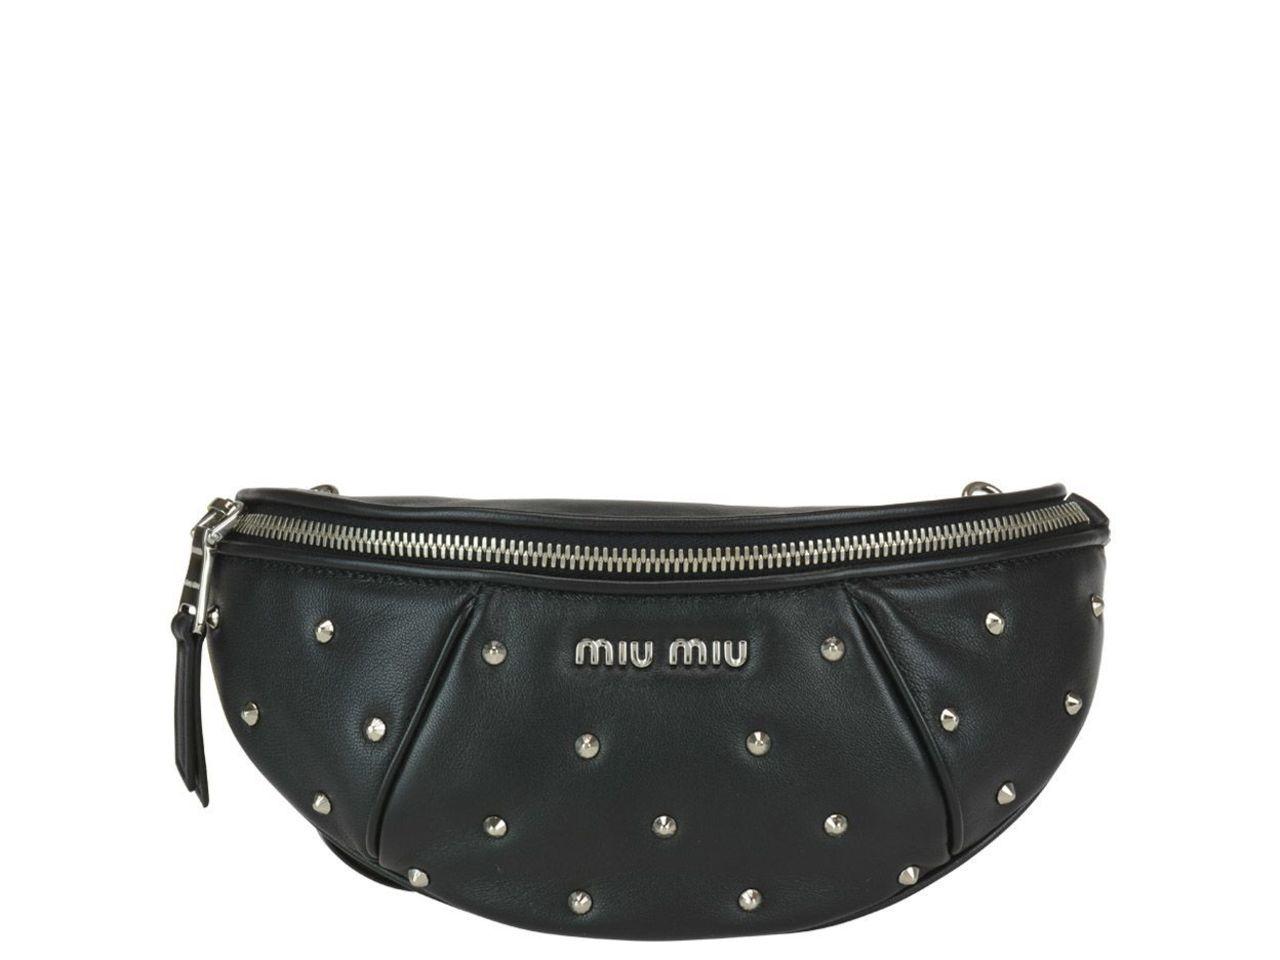 Miu Miu Bum Bag